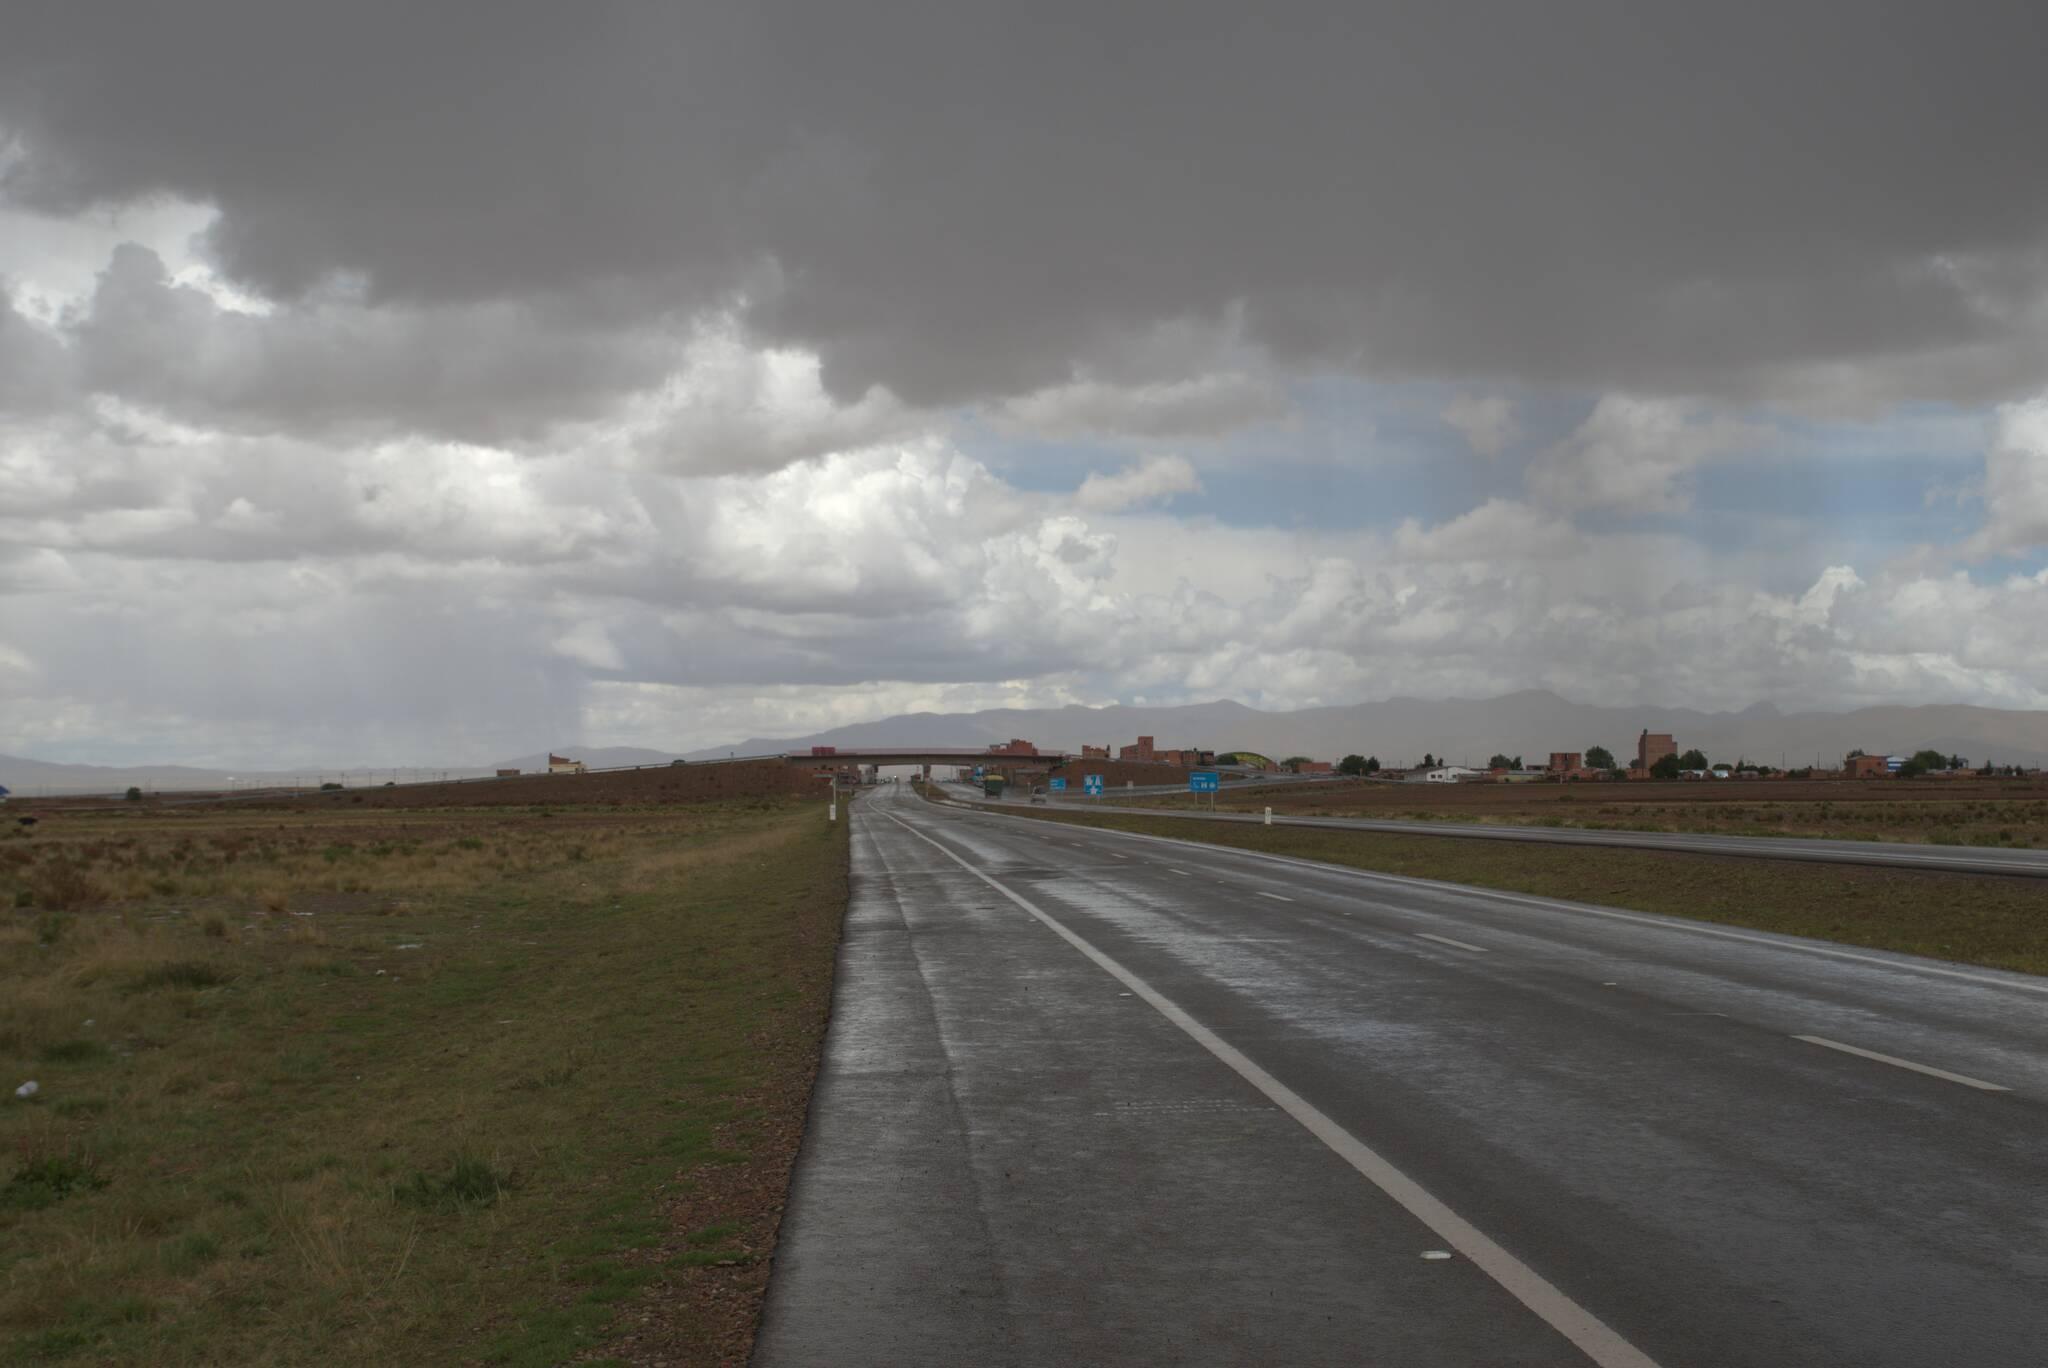 Dwupasmówka do Oruro. Największą zlewę przeczekuję w knajpie.